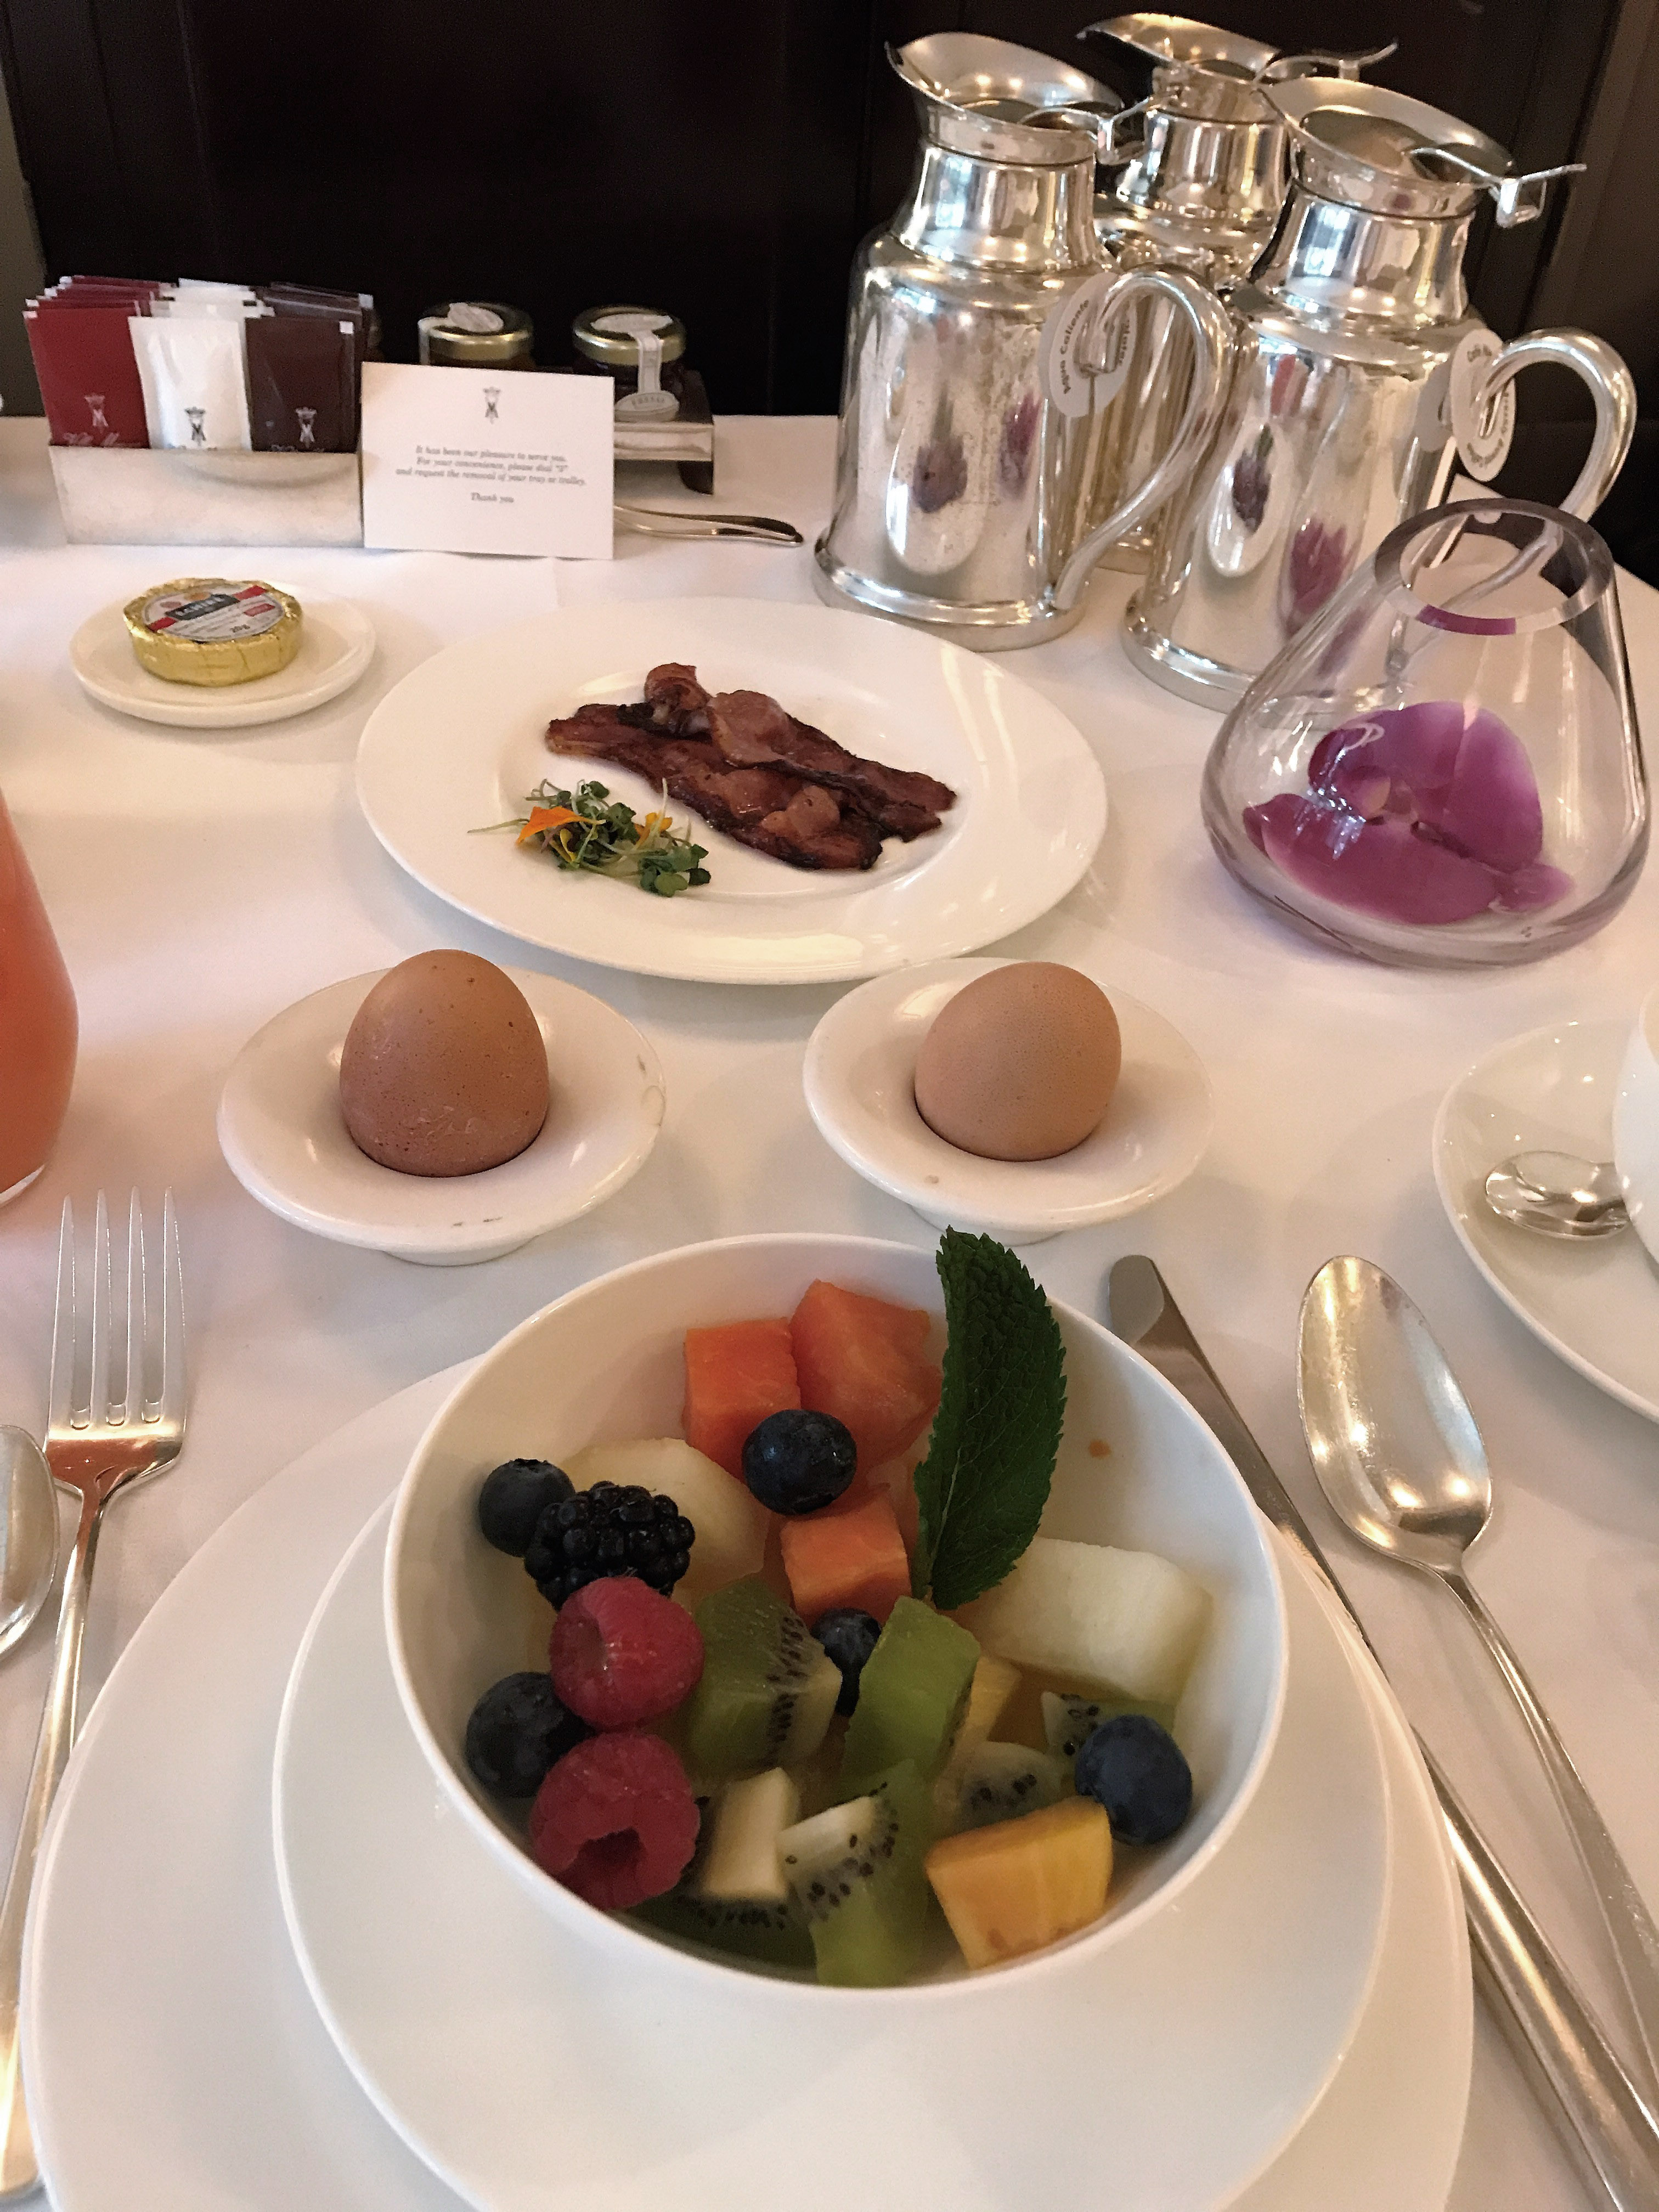 Villa Magna Hotel room service breakfast